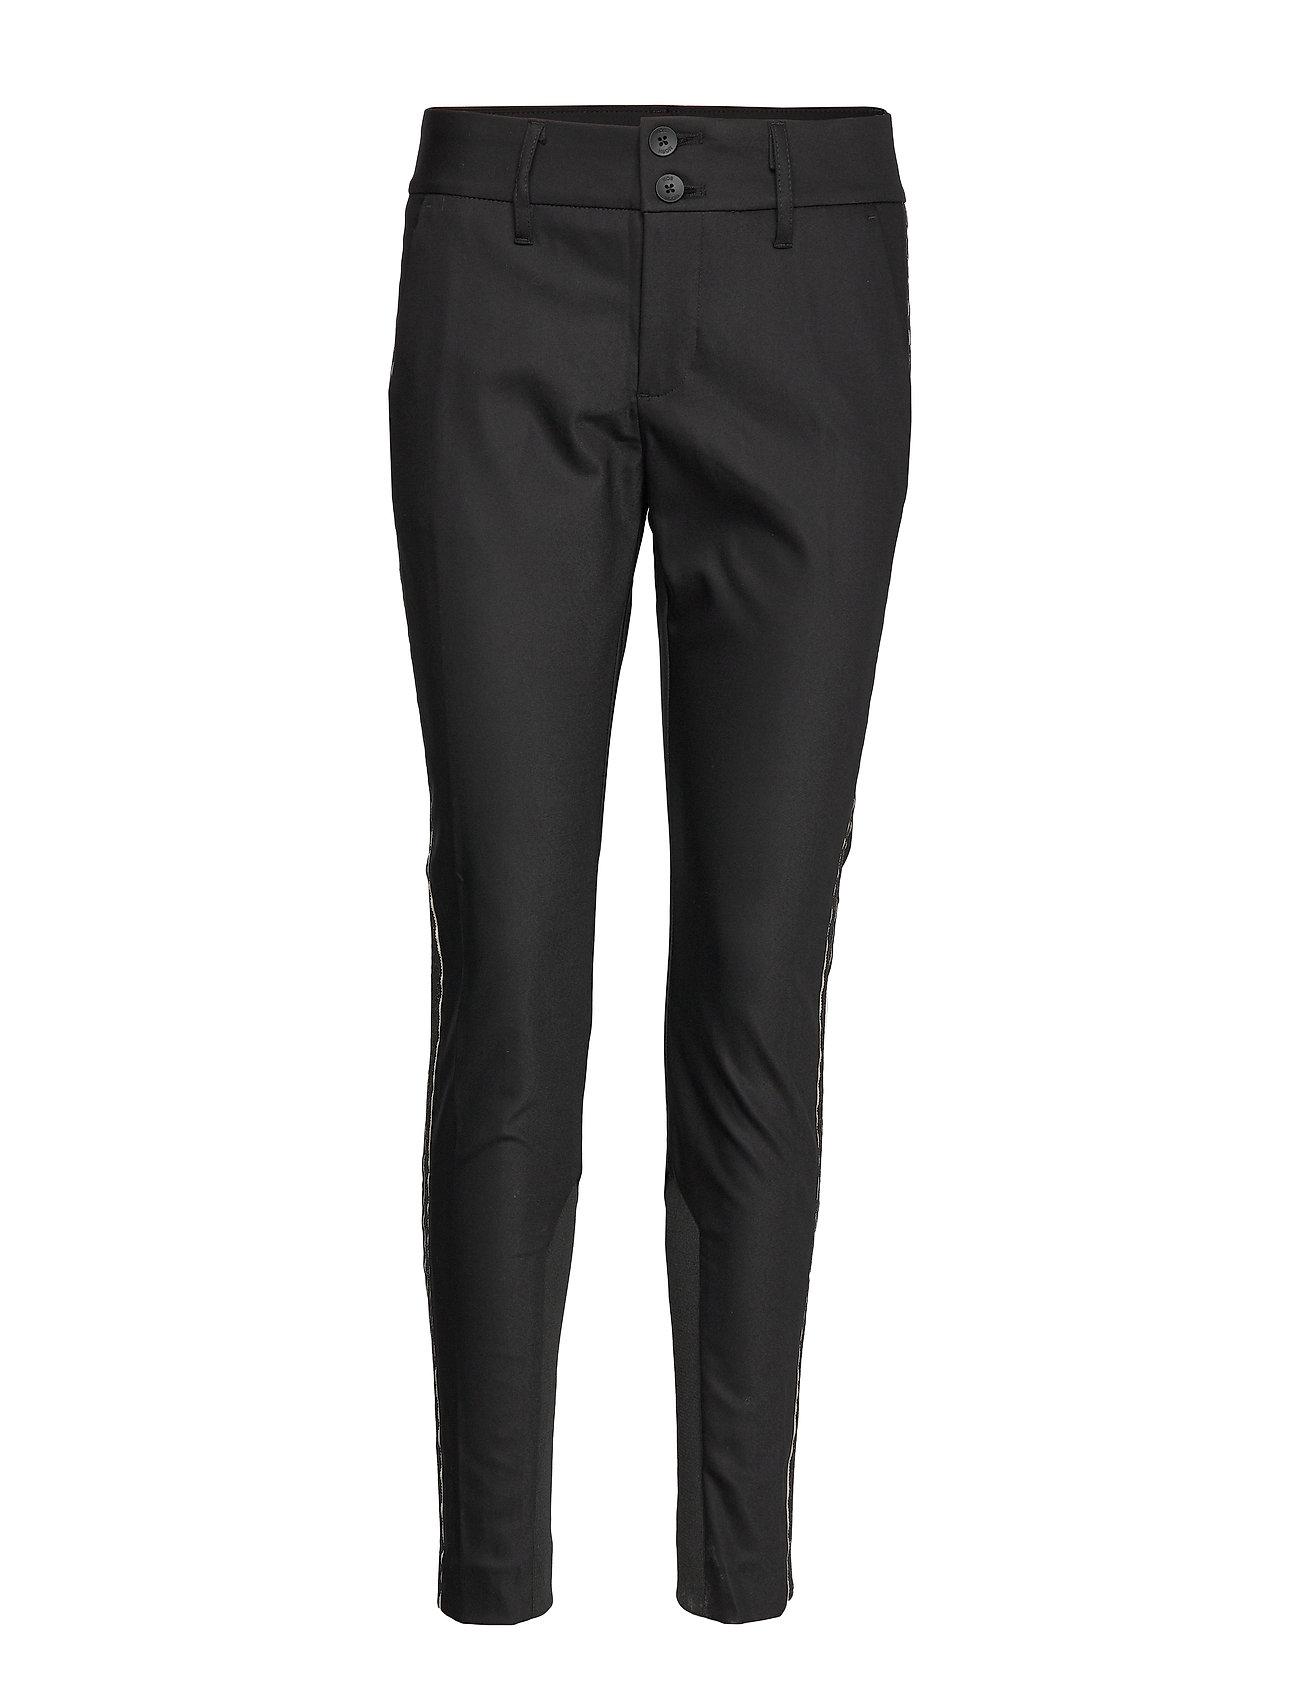 MOS MOSH Blake Rocco Tape Pant - BLACK